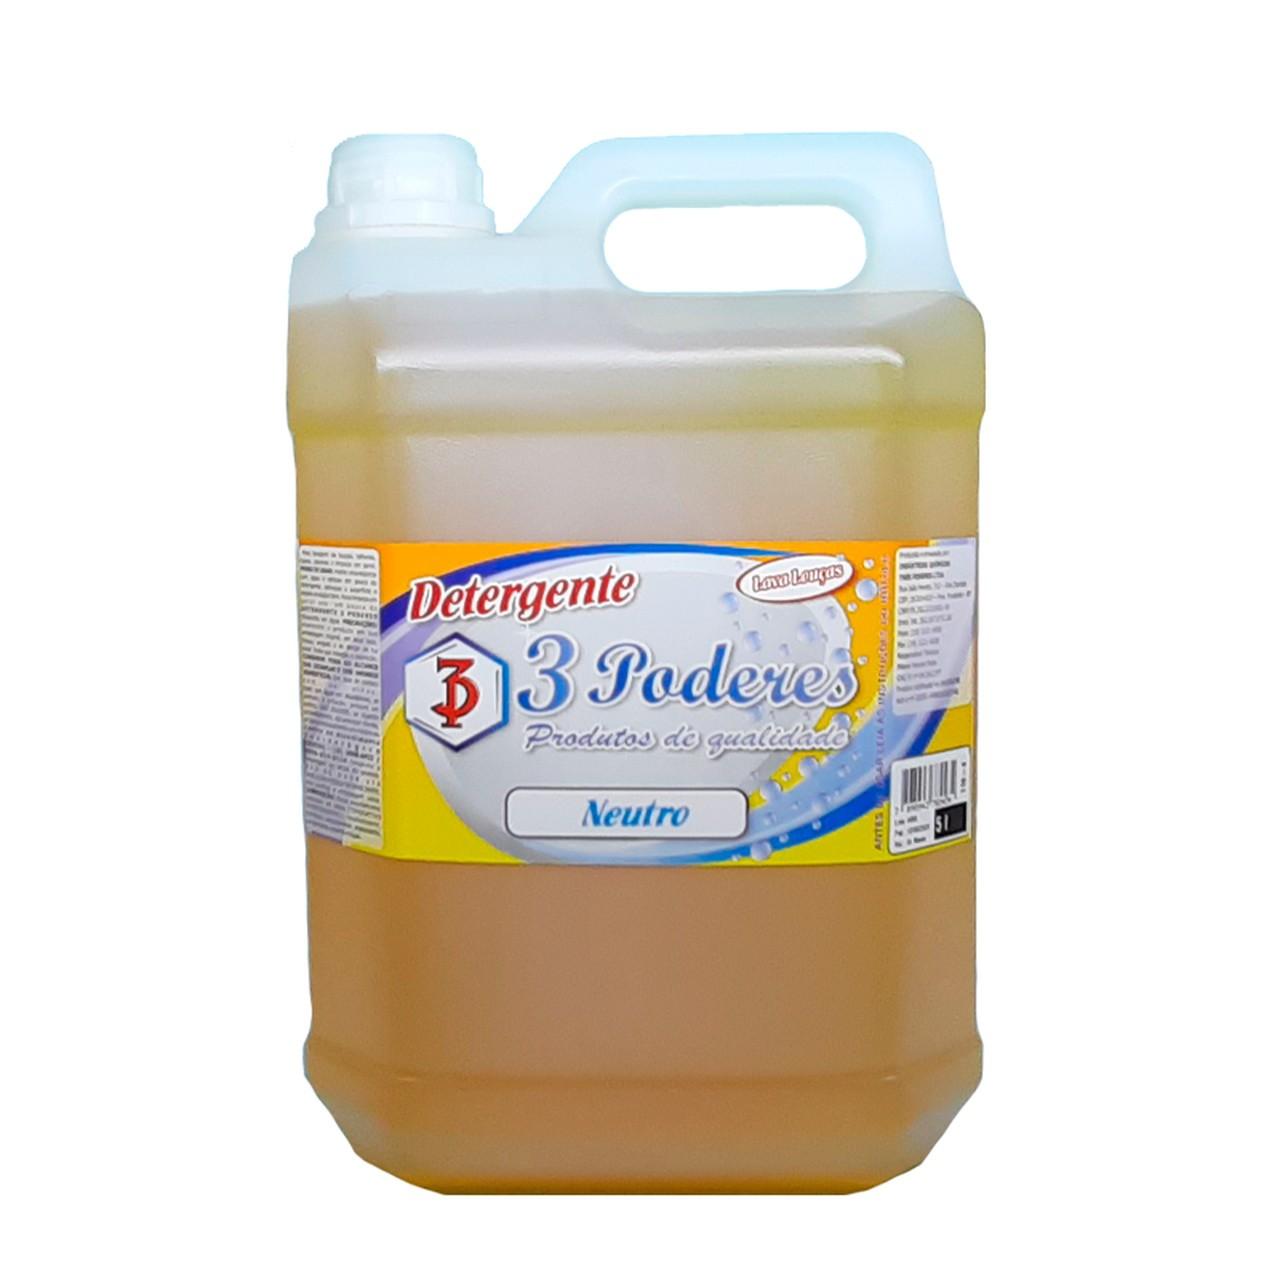 Detergente Neutro 3 Poderes 5 LTS - Lava Louças